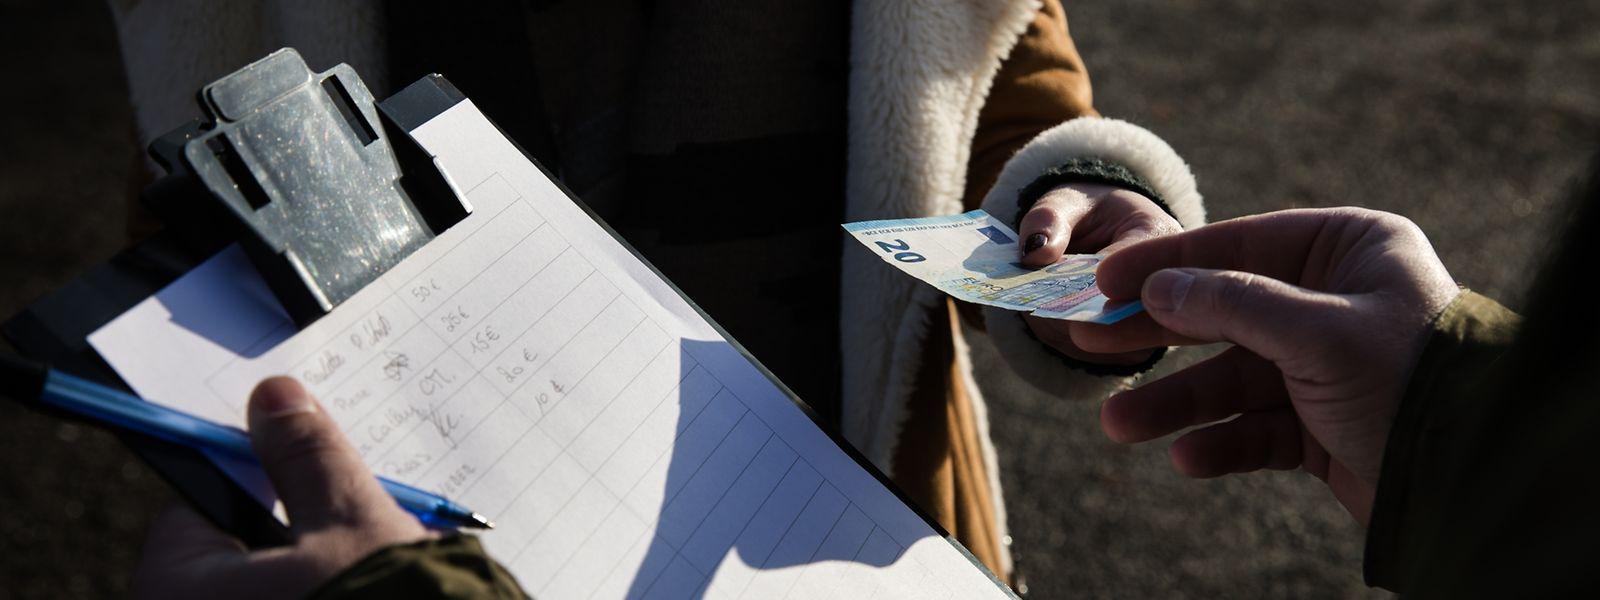 Übler Trick: Die vermeintlichen Spendensammler verlangen nach Bargeld – anders als echte Mitarbeiter von Hilfswerken. Diese bitten in der Regel um eine Banküberweisung.